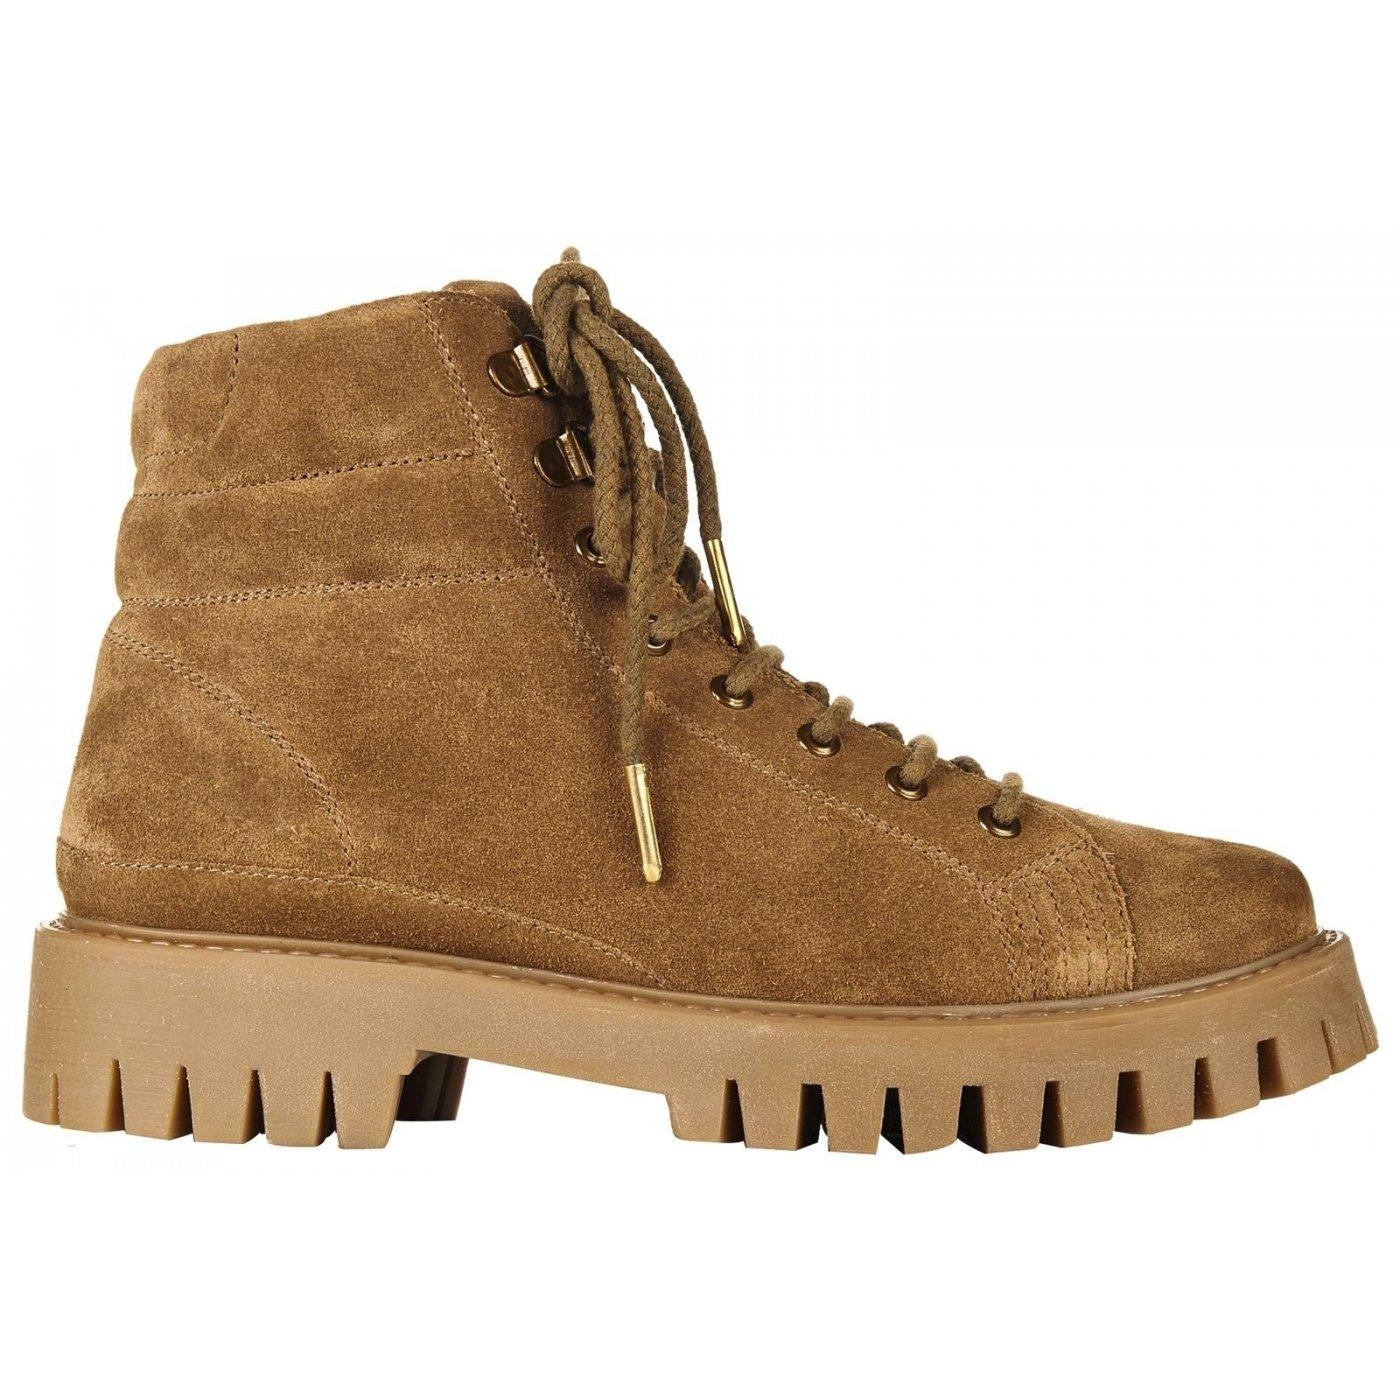 Superdry Boots Selina Workboot Cognac Suede voONmzLTkA